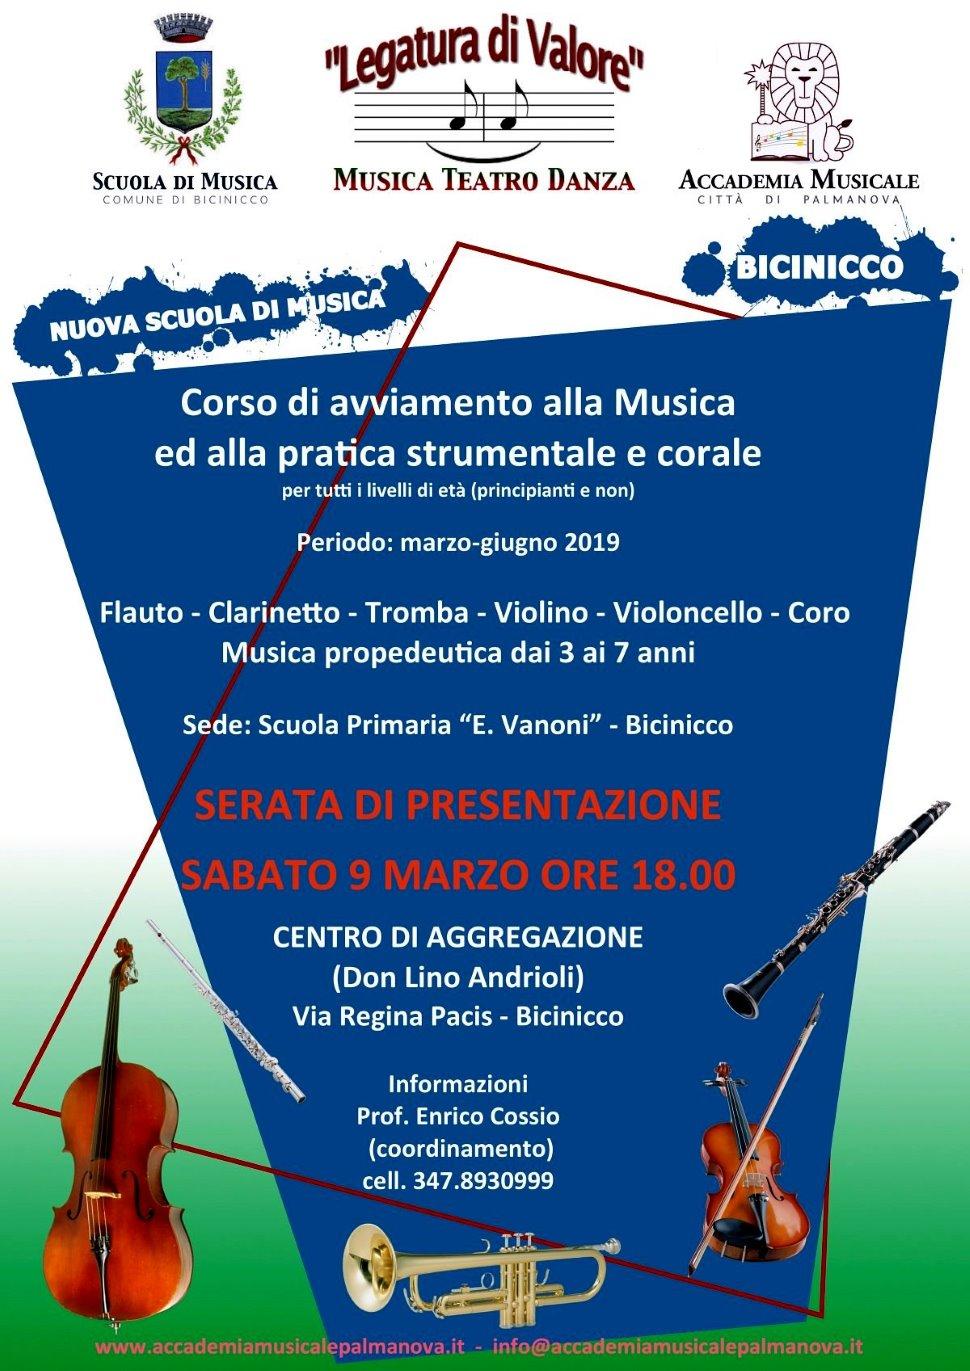 Scuola di musica di Bicinicco. Serata di presentazione.